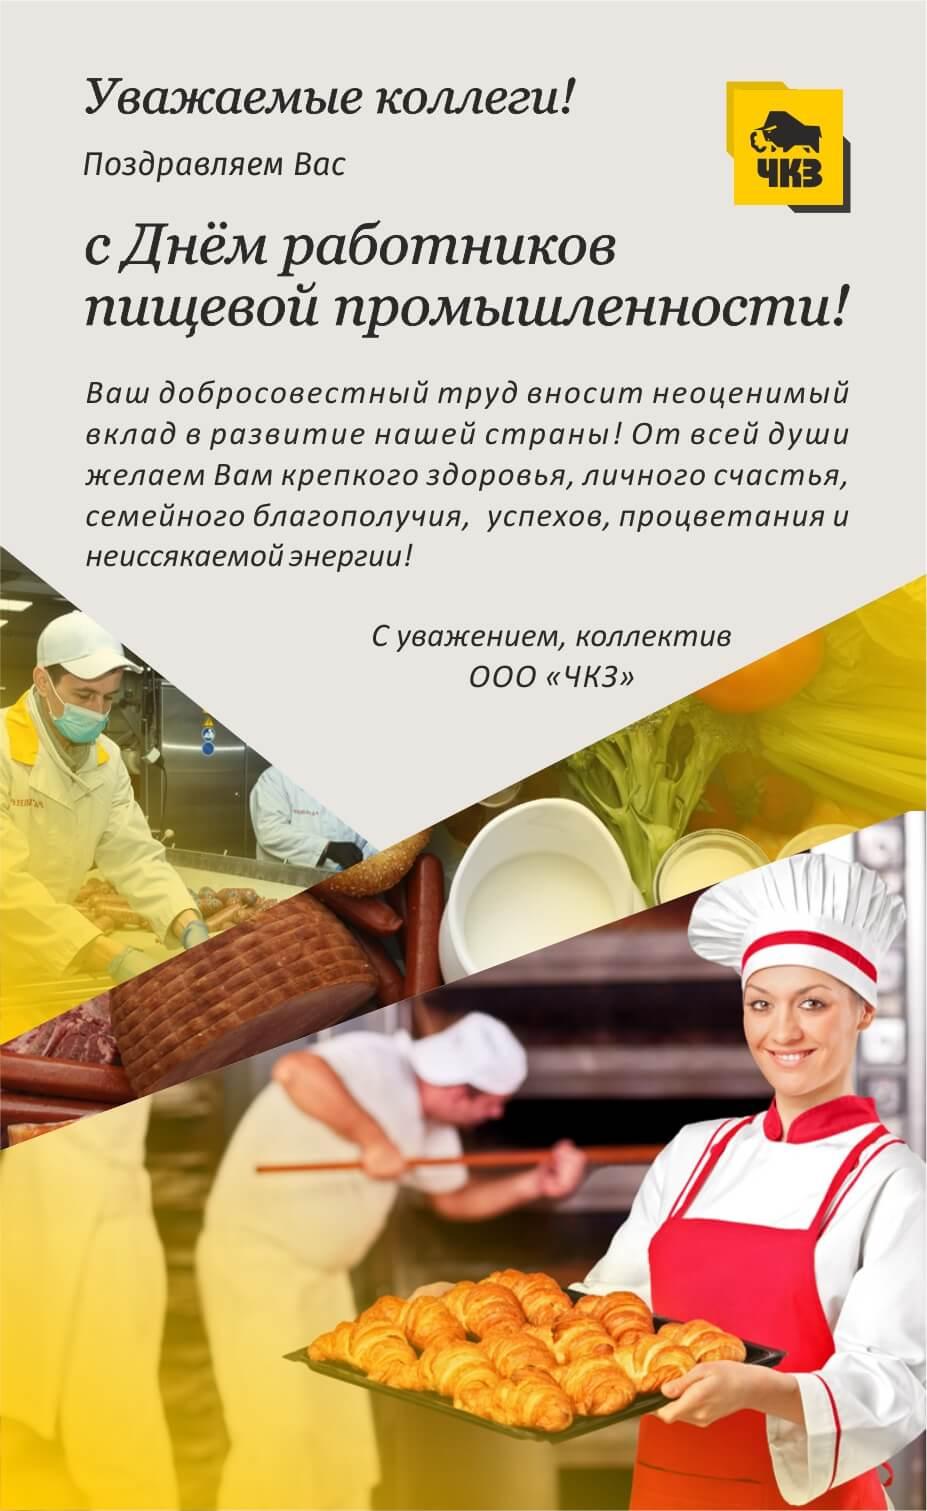 Поздравления в день работников пищевой промышленности 2018 59